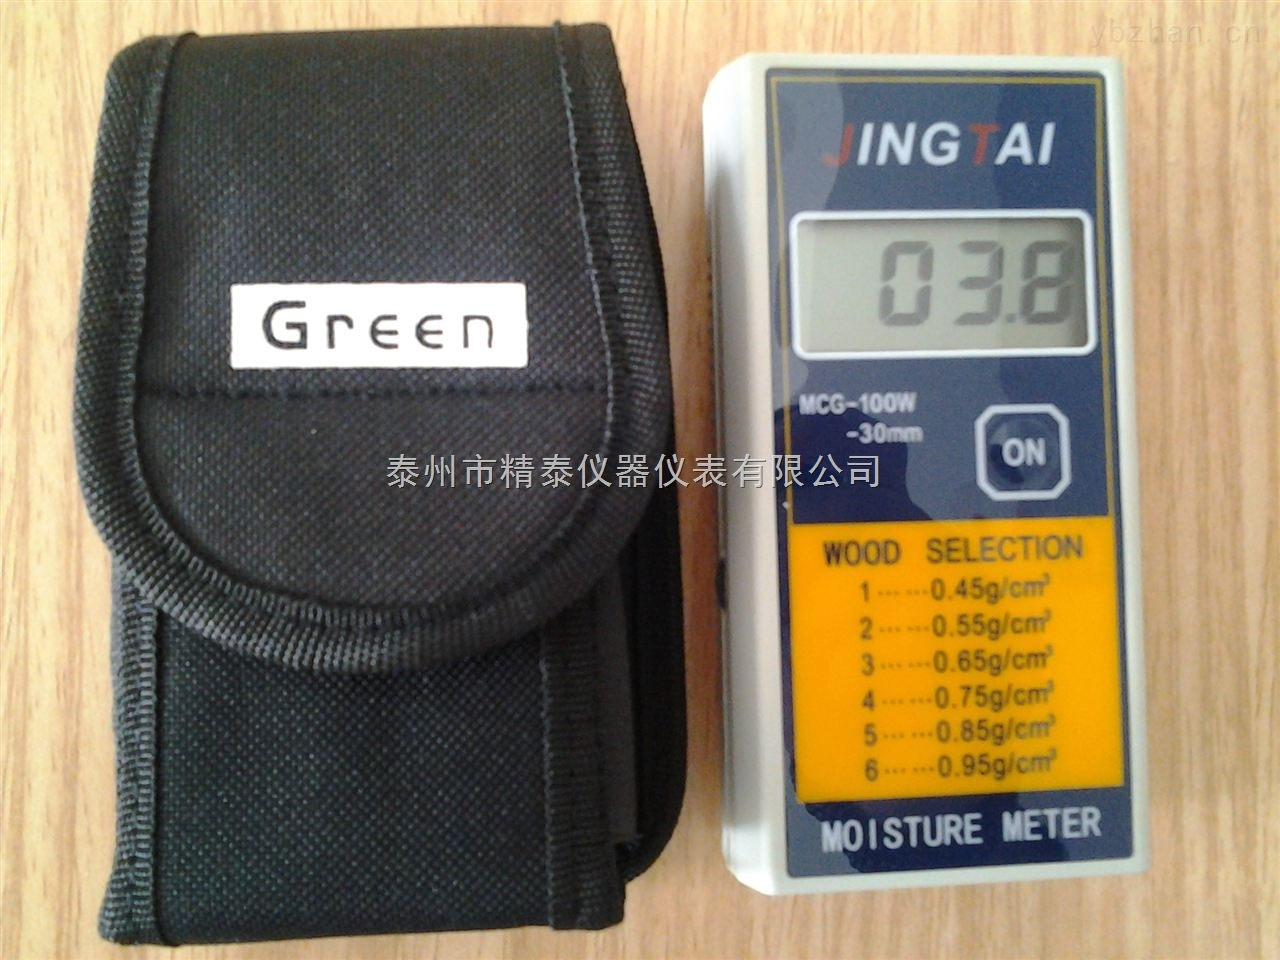 木屑水分检测手握式木料水分测定MCG-100W精泰